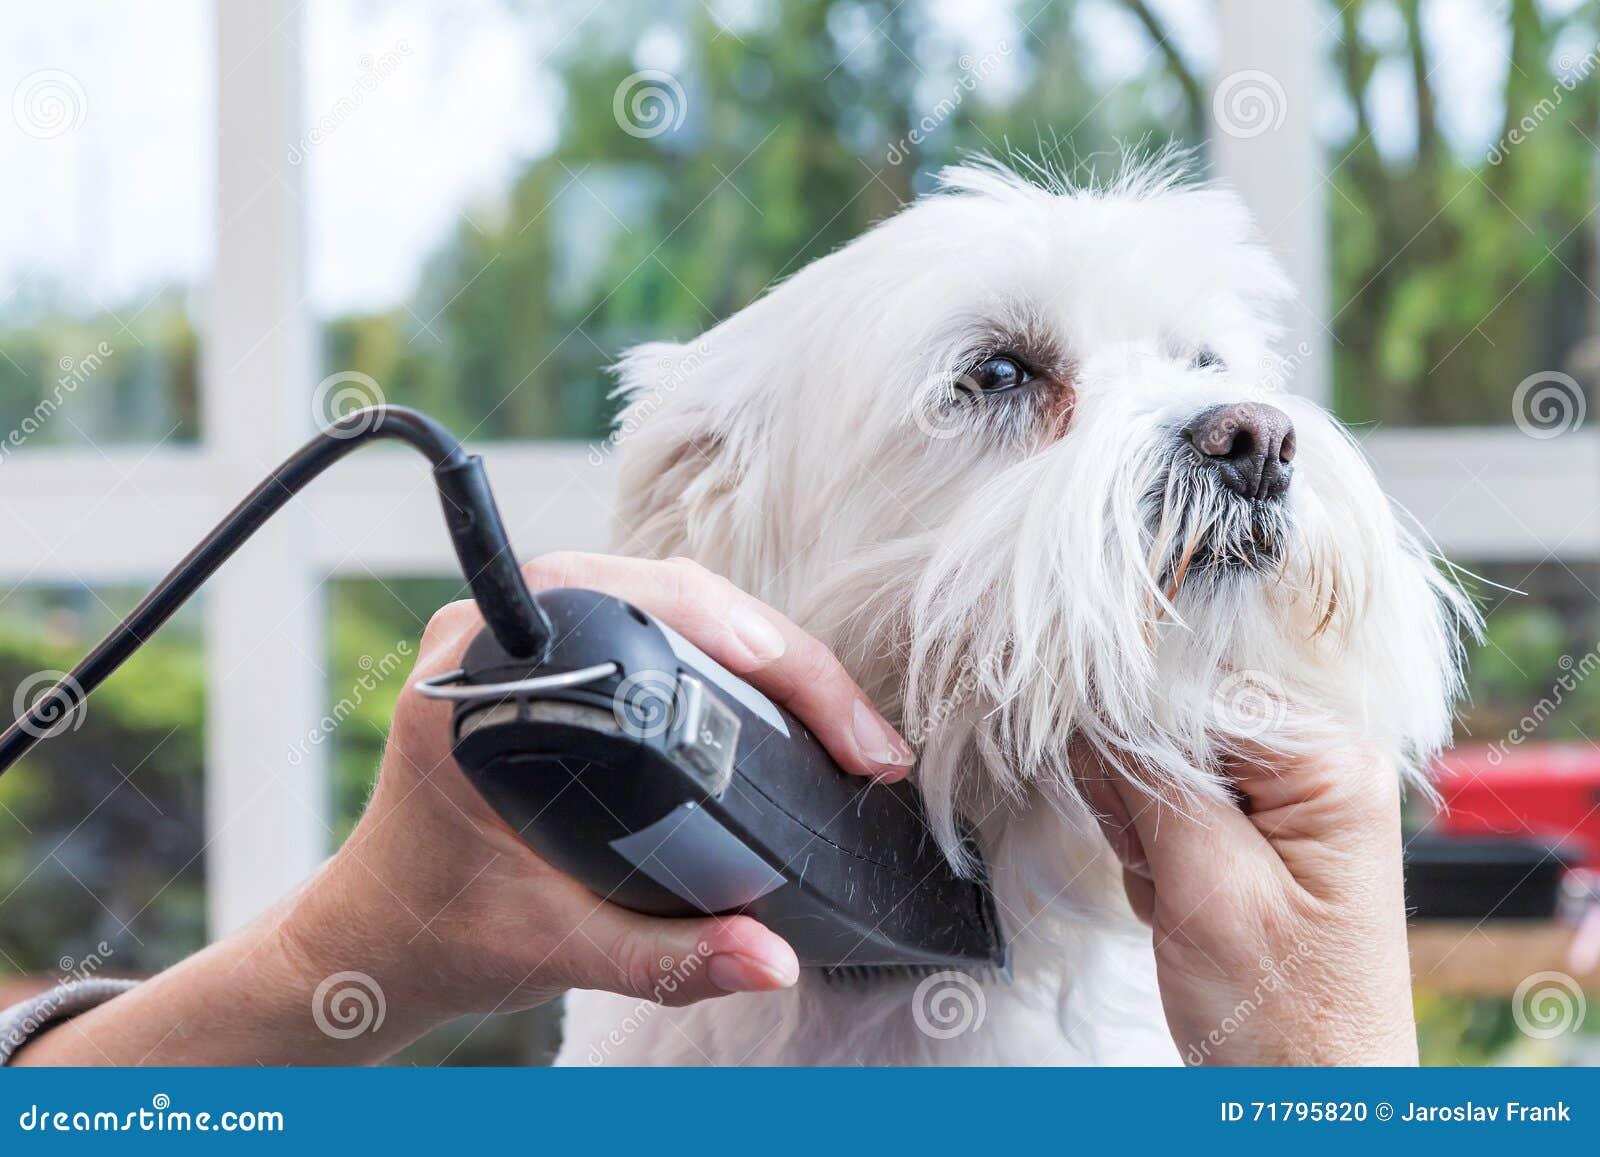 Pflegen des Halses des weißen Hundes